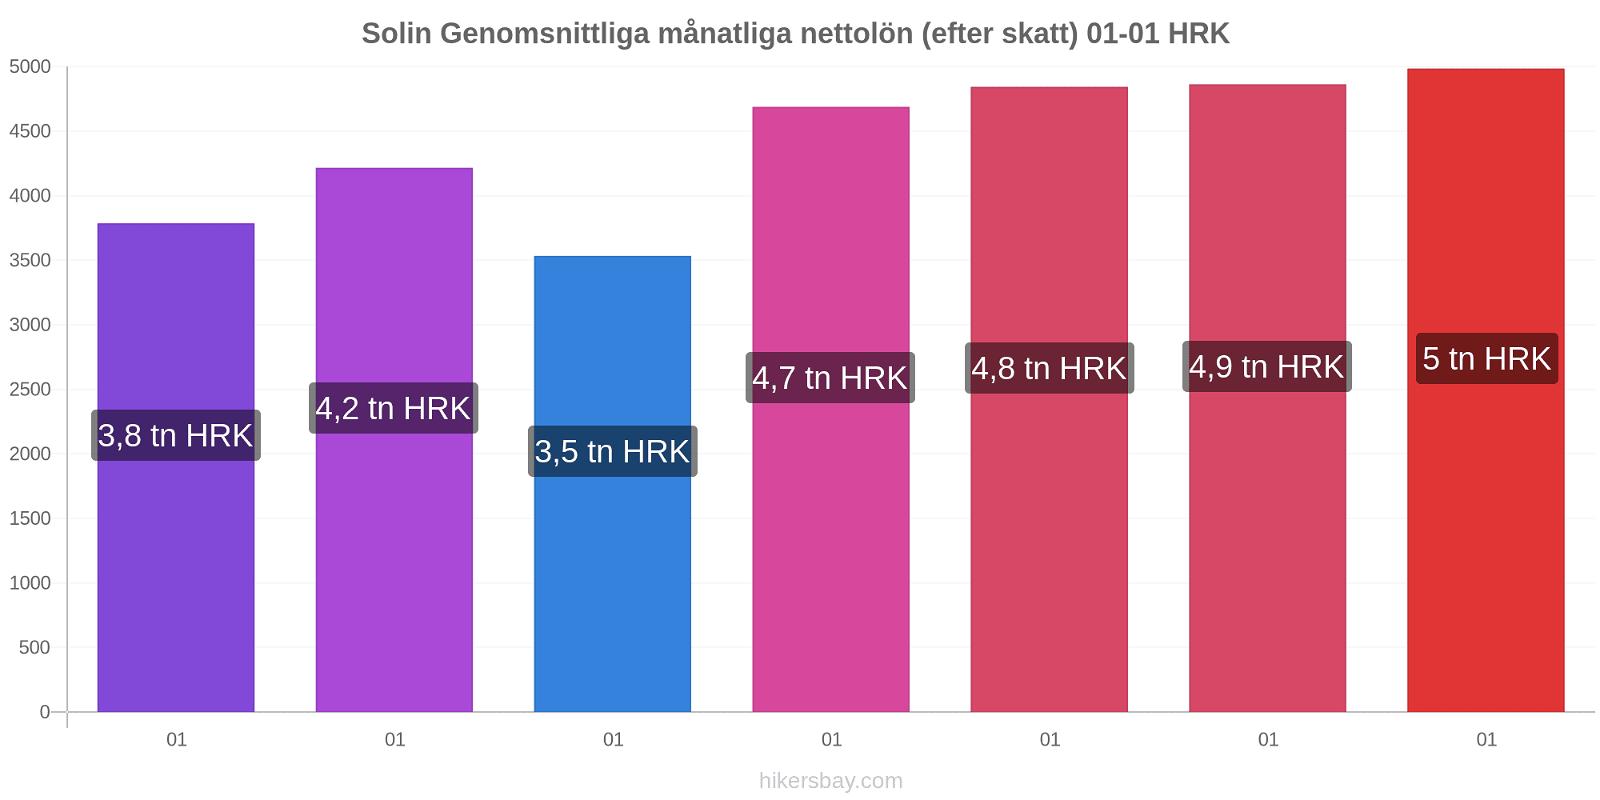 Solin prisförändringar Genomsnittliga månatliga nettolön (efter skatt) hikersbay.com